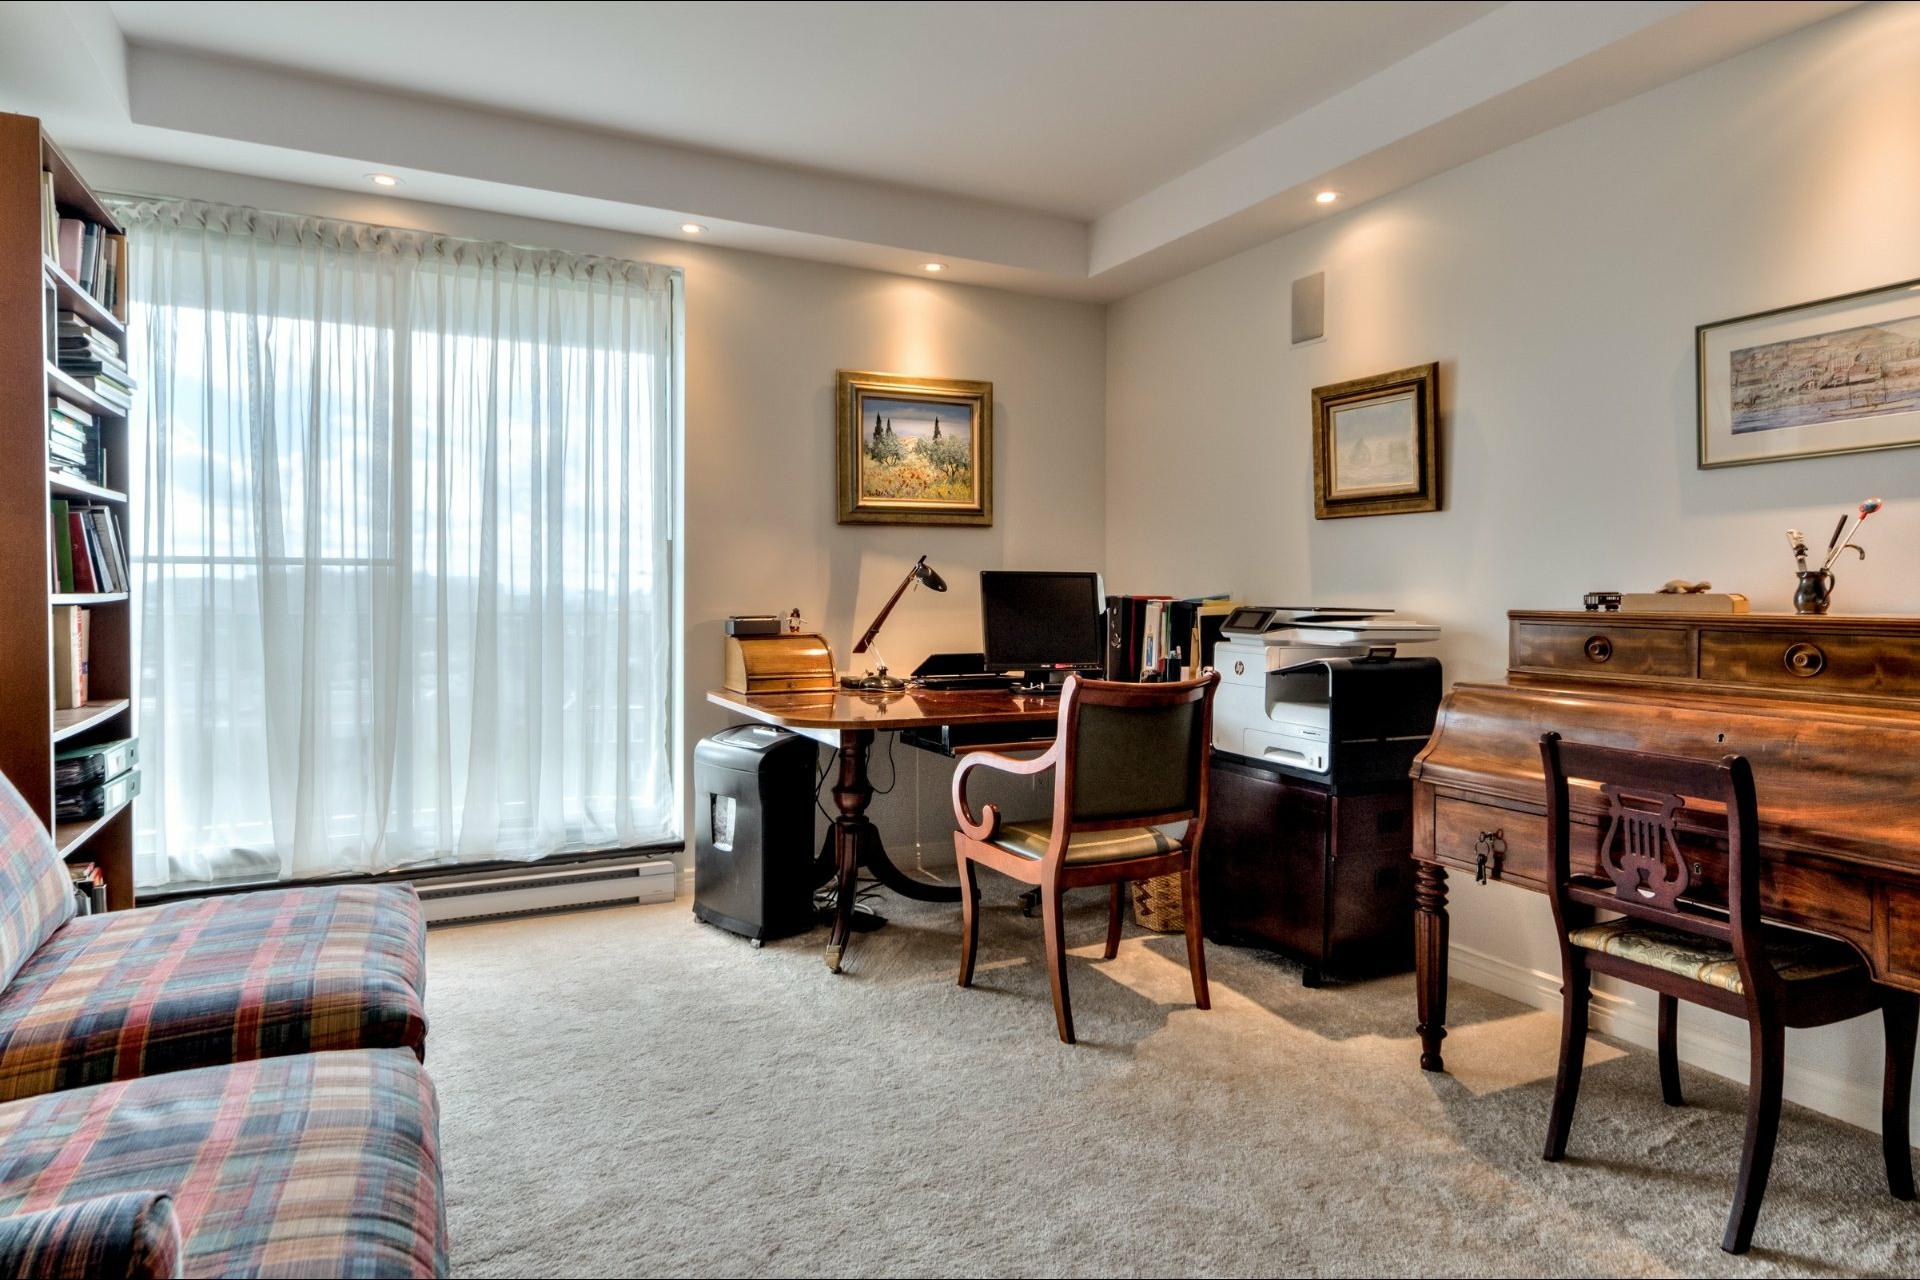 image 24 - Departamento En venta Côte-des-Neiges/Notre-Dame-de-Grâce Montréal  - 12 habitaciones